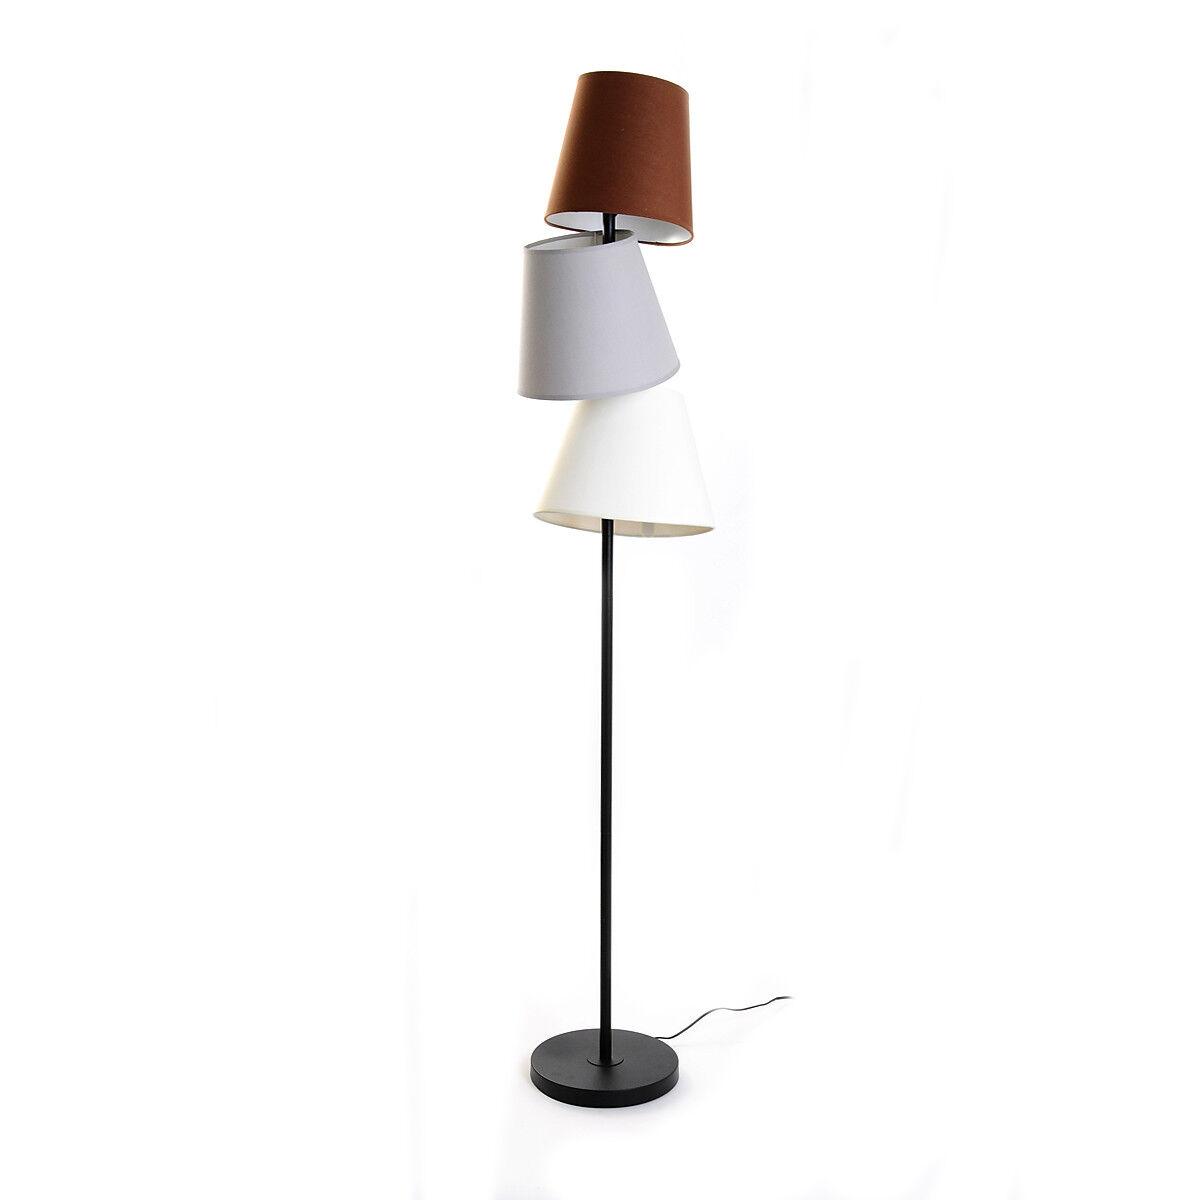 stehleuchte mit 3 schirmen metall beige ca d 26 x h 160 cm depot de. Black Bedroom Furniture Sets. Home Design Ideas